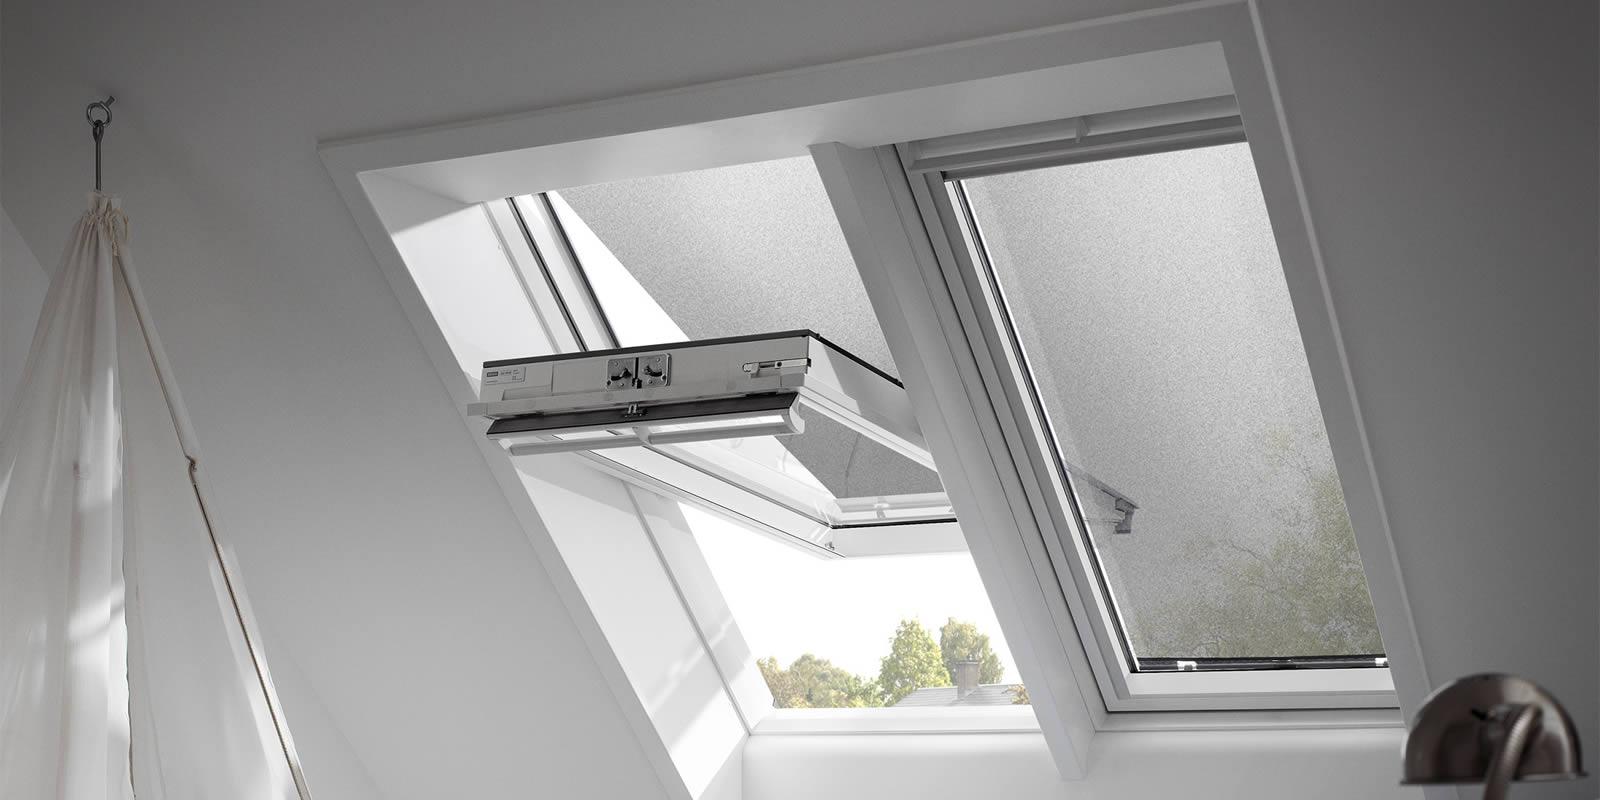 dachfenster markisen   hitzeschutz   rollos   schreinerei fritz gfeller